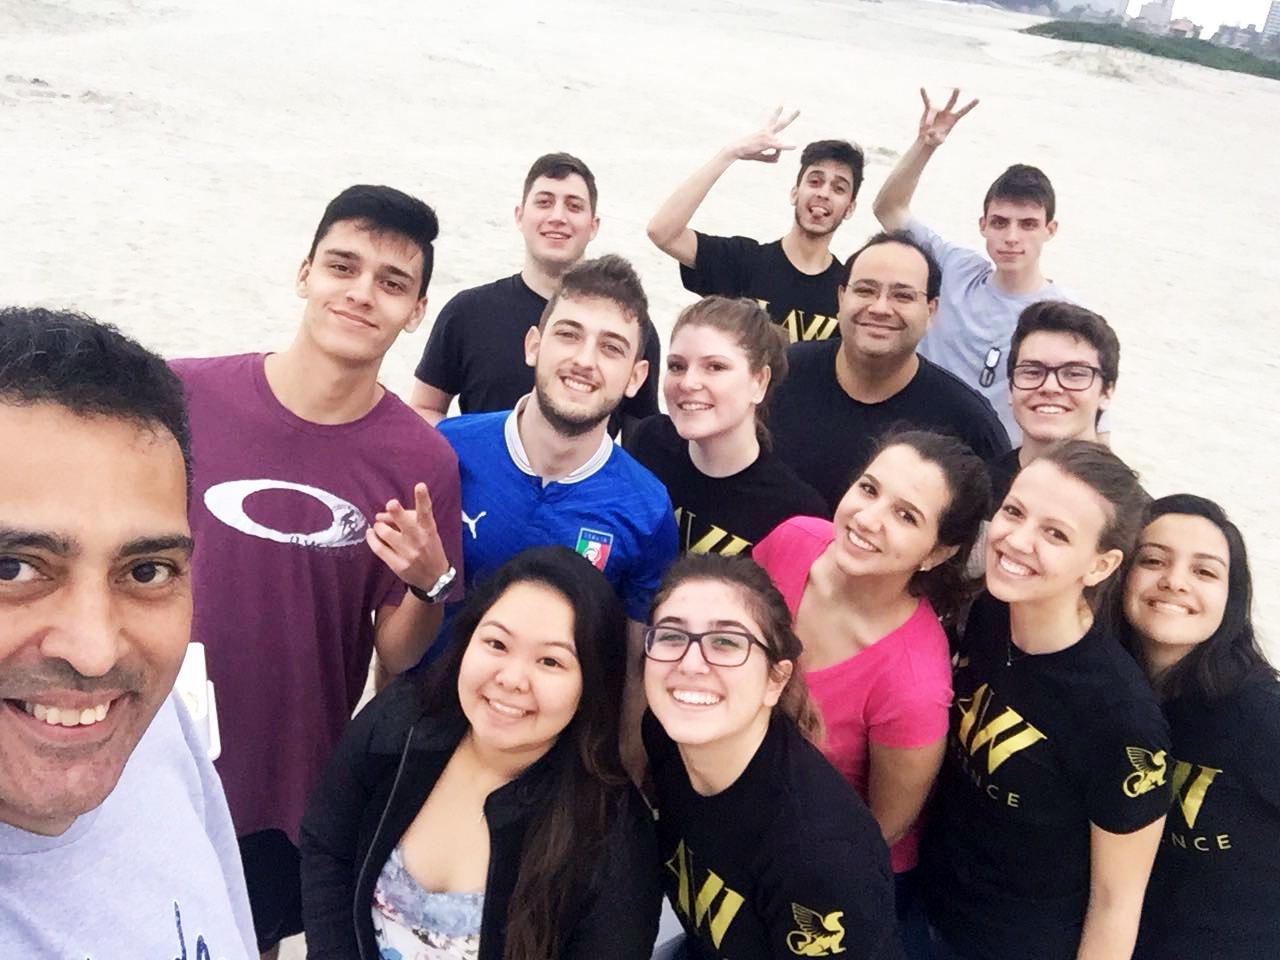 Equipe do LAW Experience - curso de Administração Integral da FAE